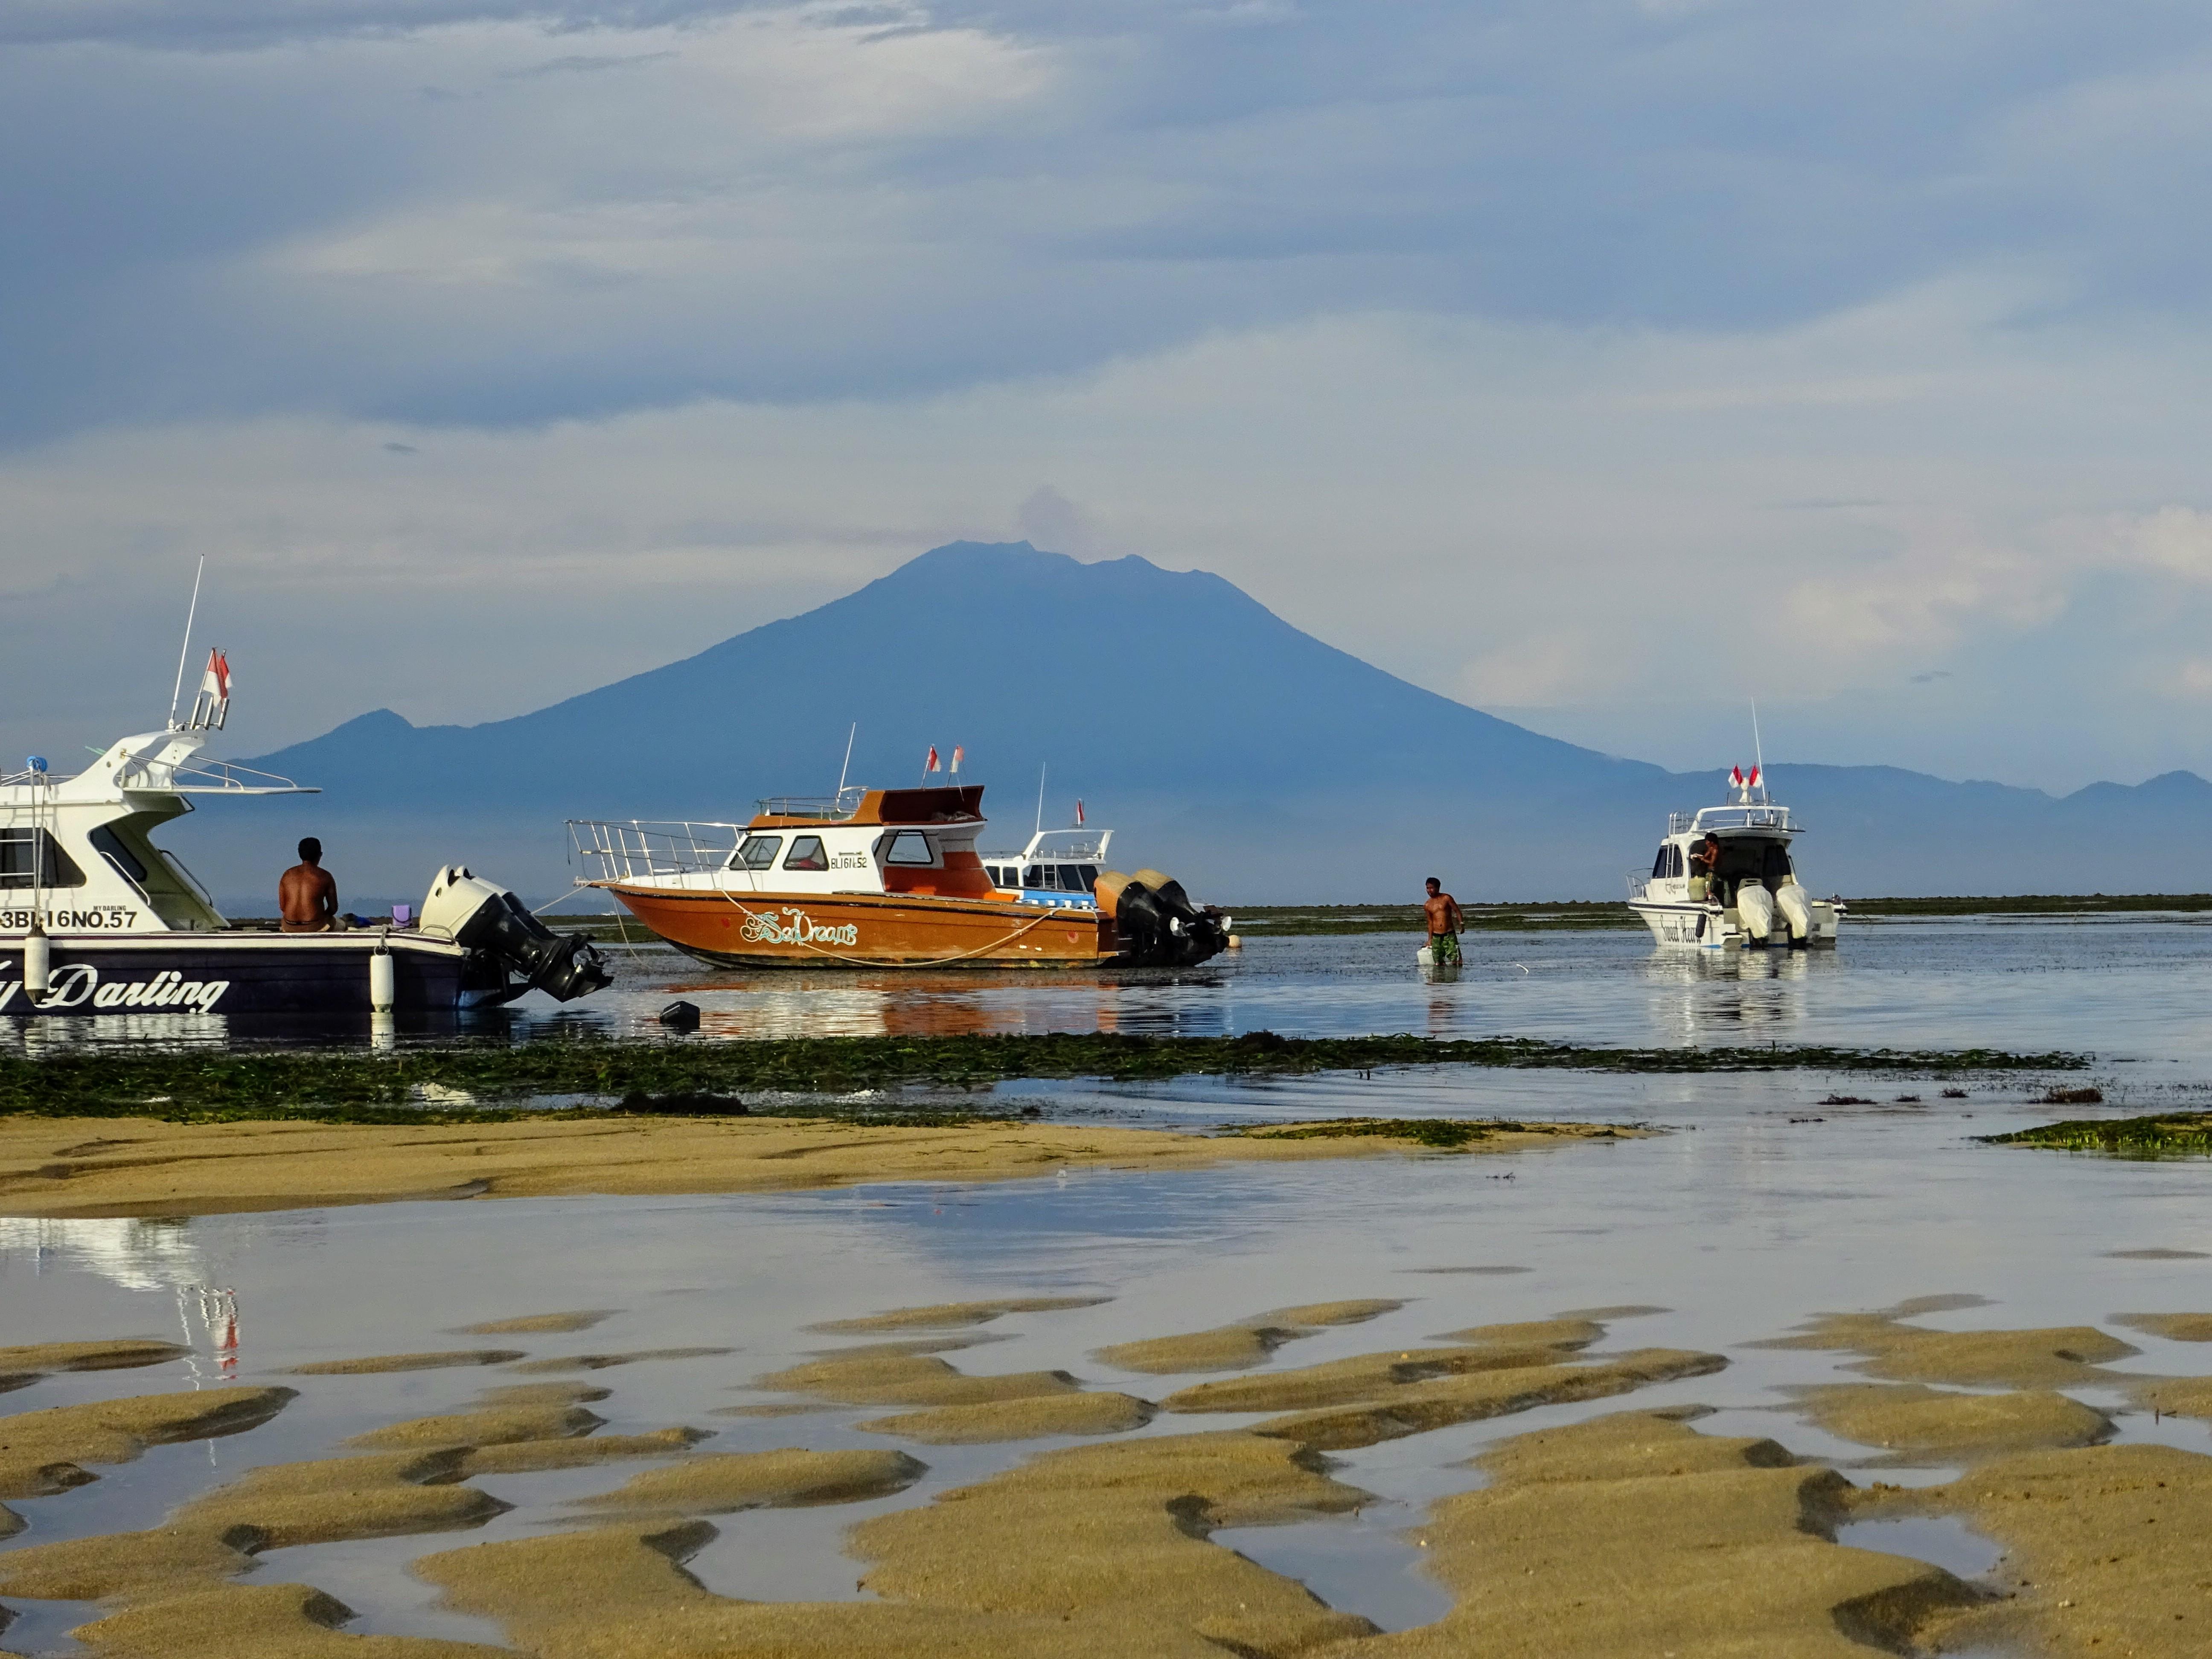 Lodě uvízlé za odlivu na mělčině a v dálce sopka Agung © Filip Altman